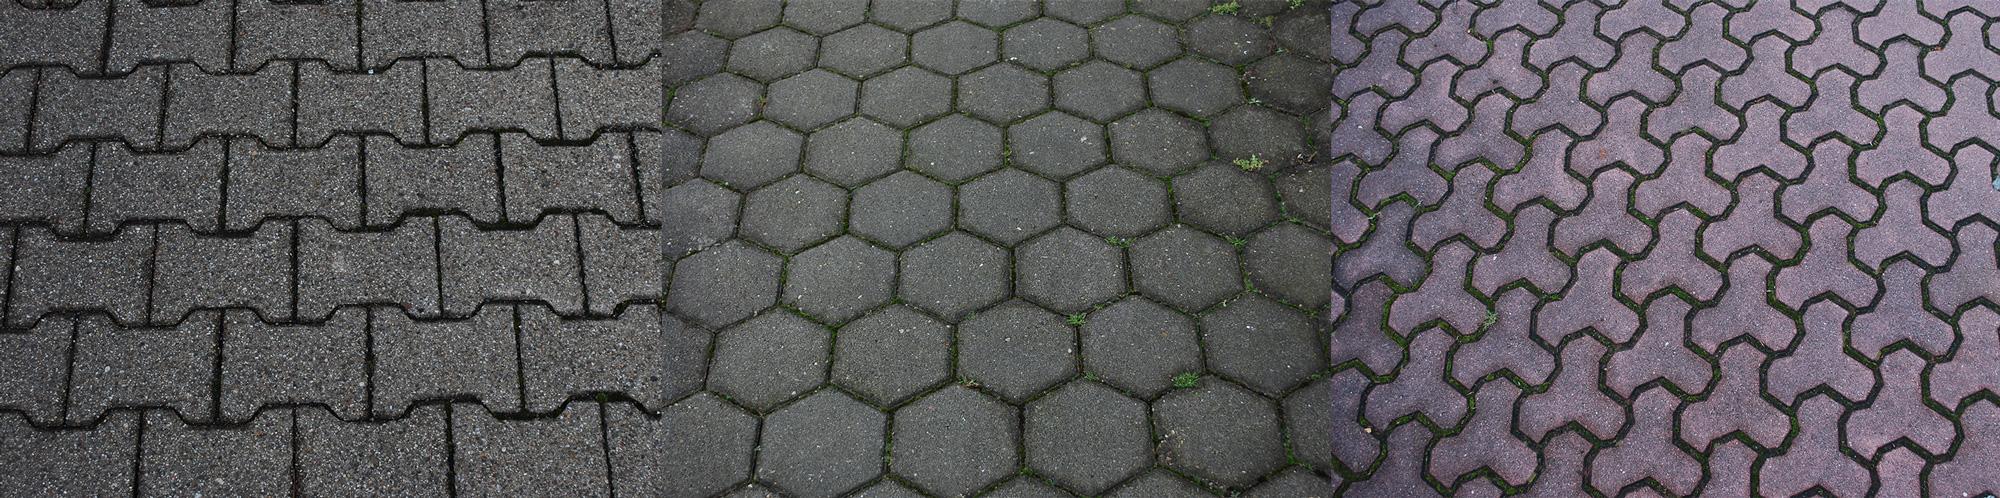 Formen für pflastersteine